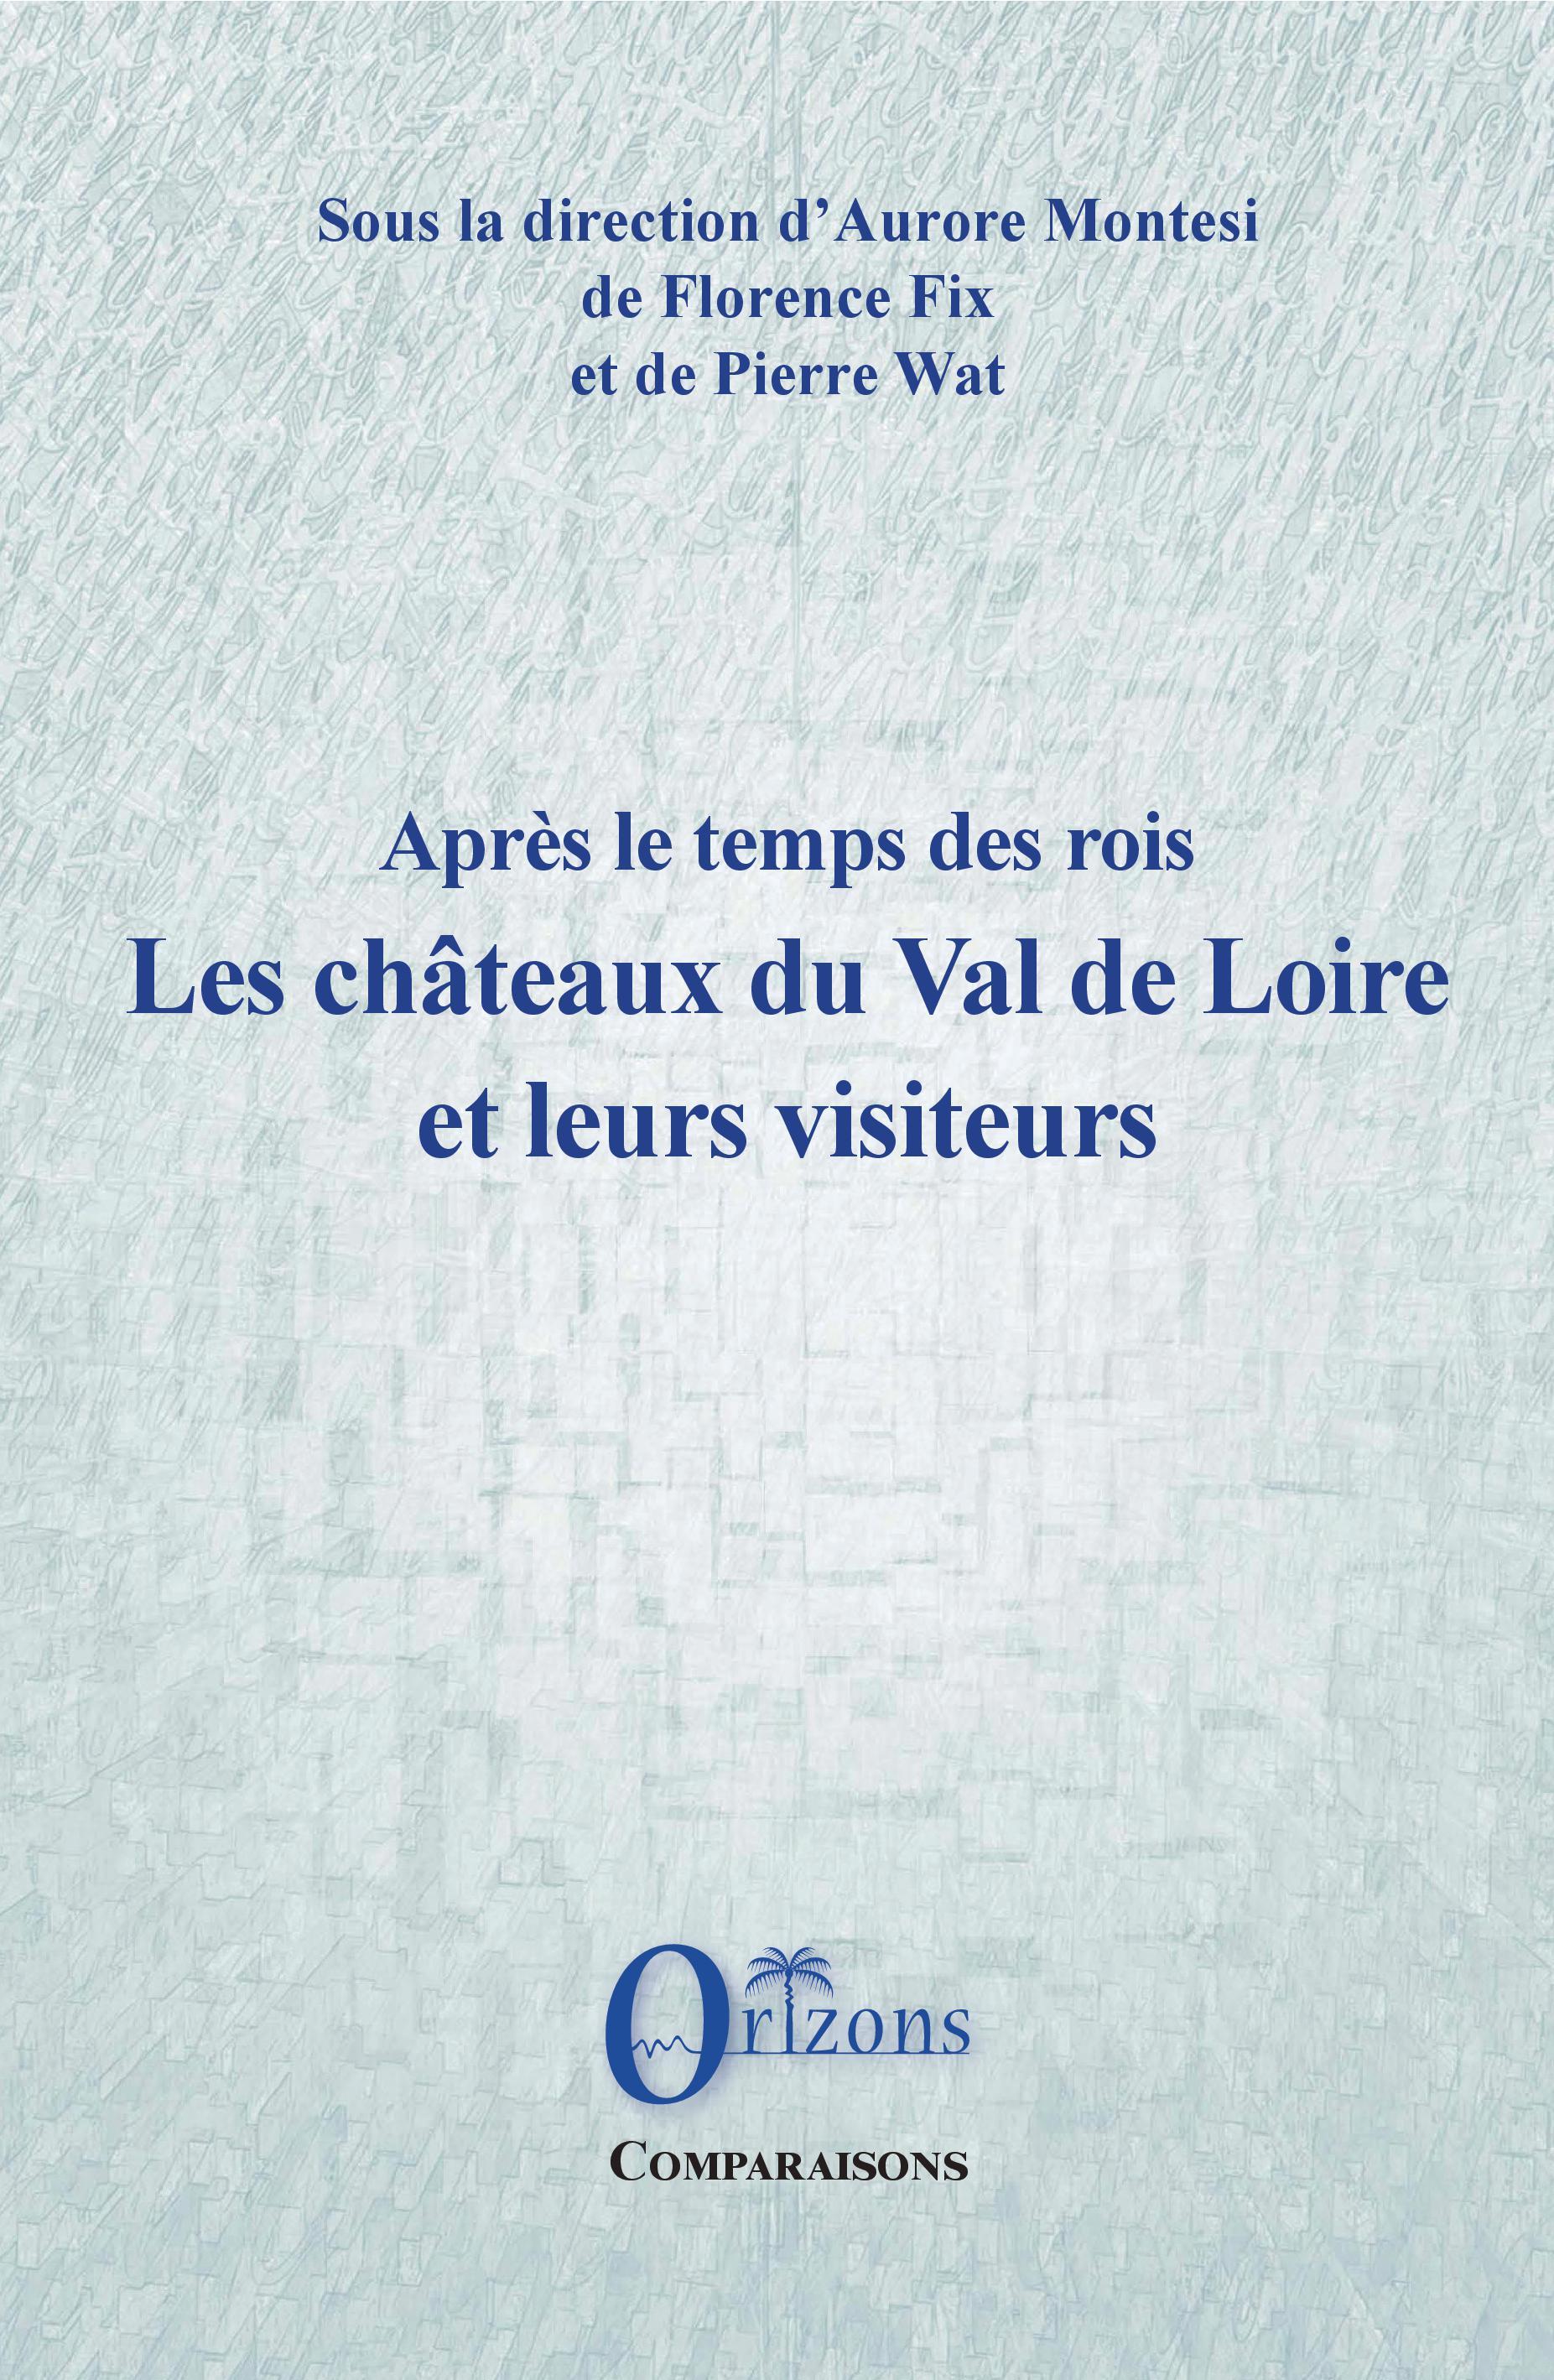 A. Montesi, F. Fix, P. Wat, Après le temps des rois. Les châteaux du Val de Loire et leurs visiteurs